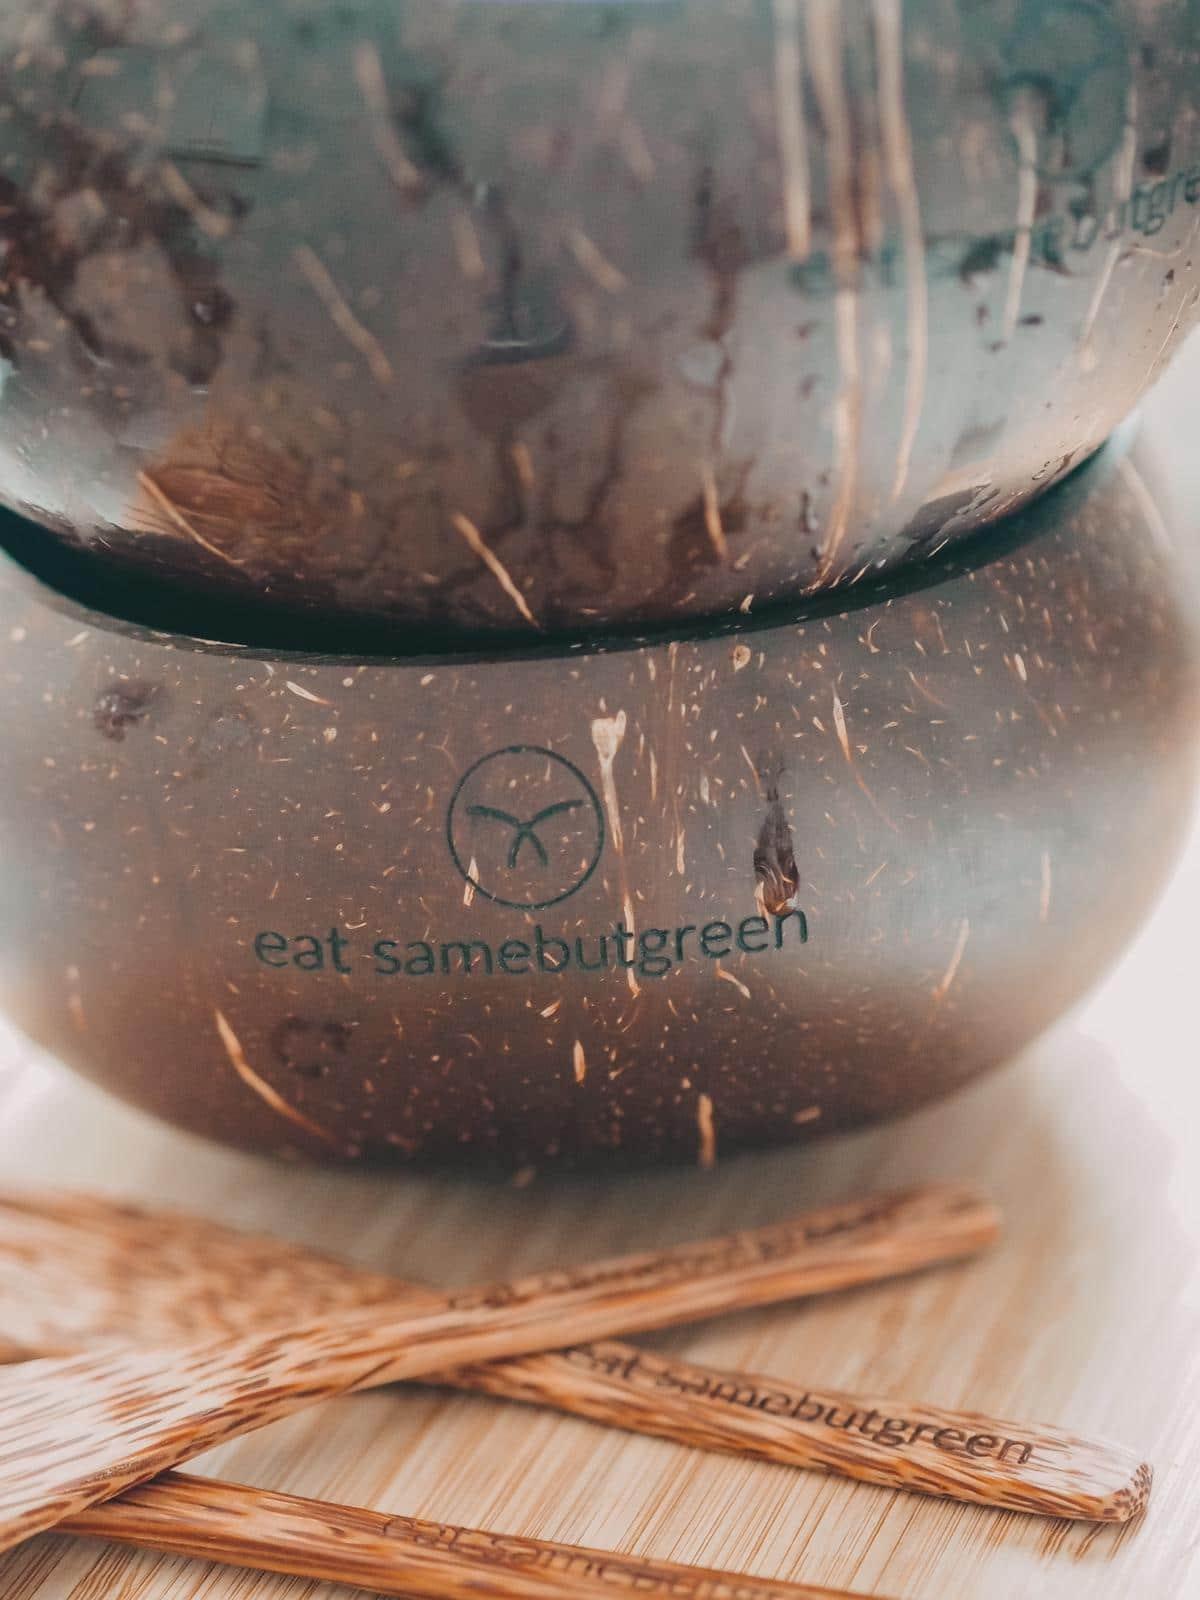 Samebutgreen Bowls